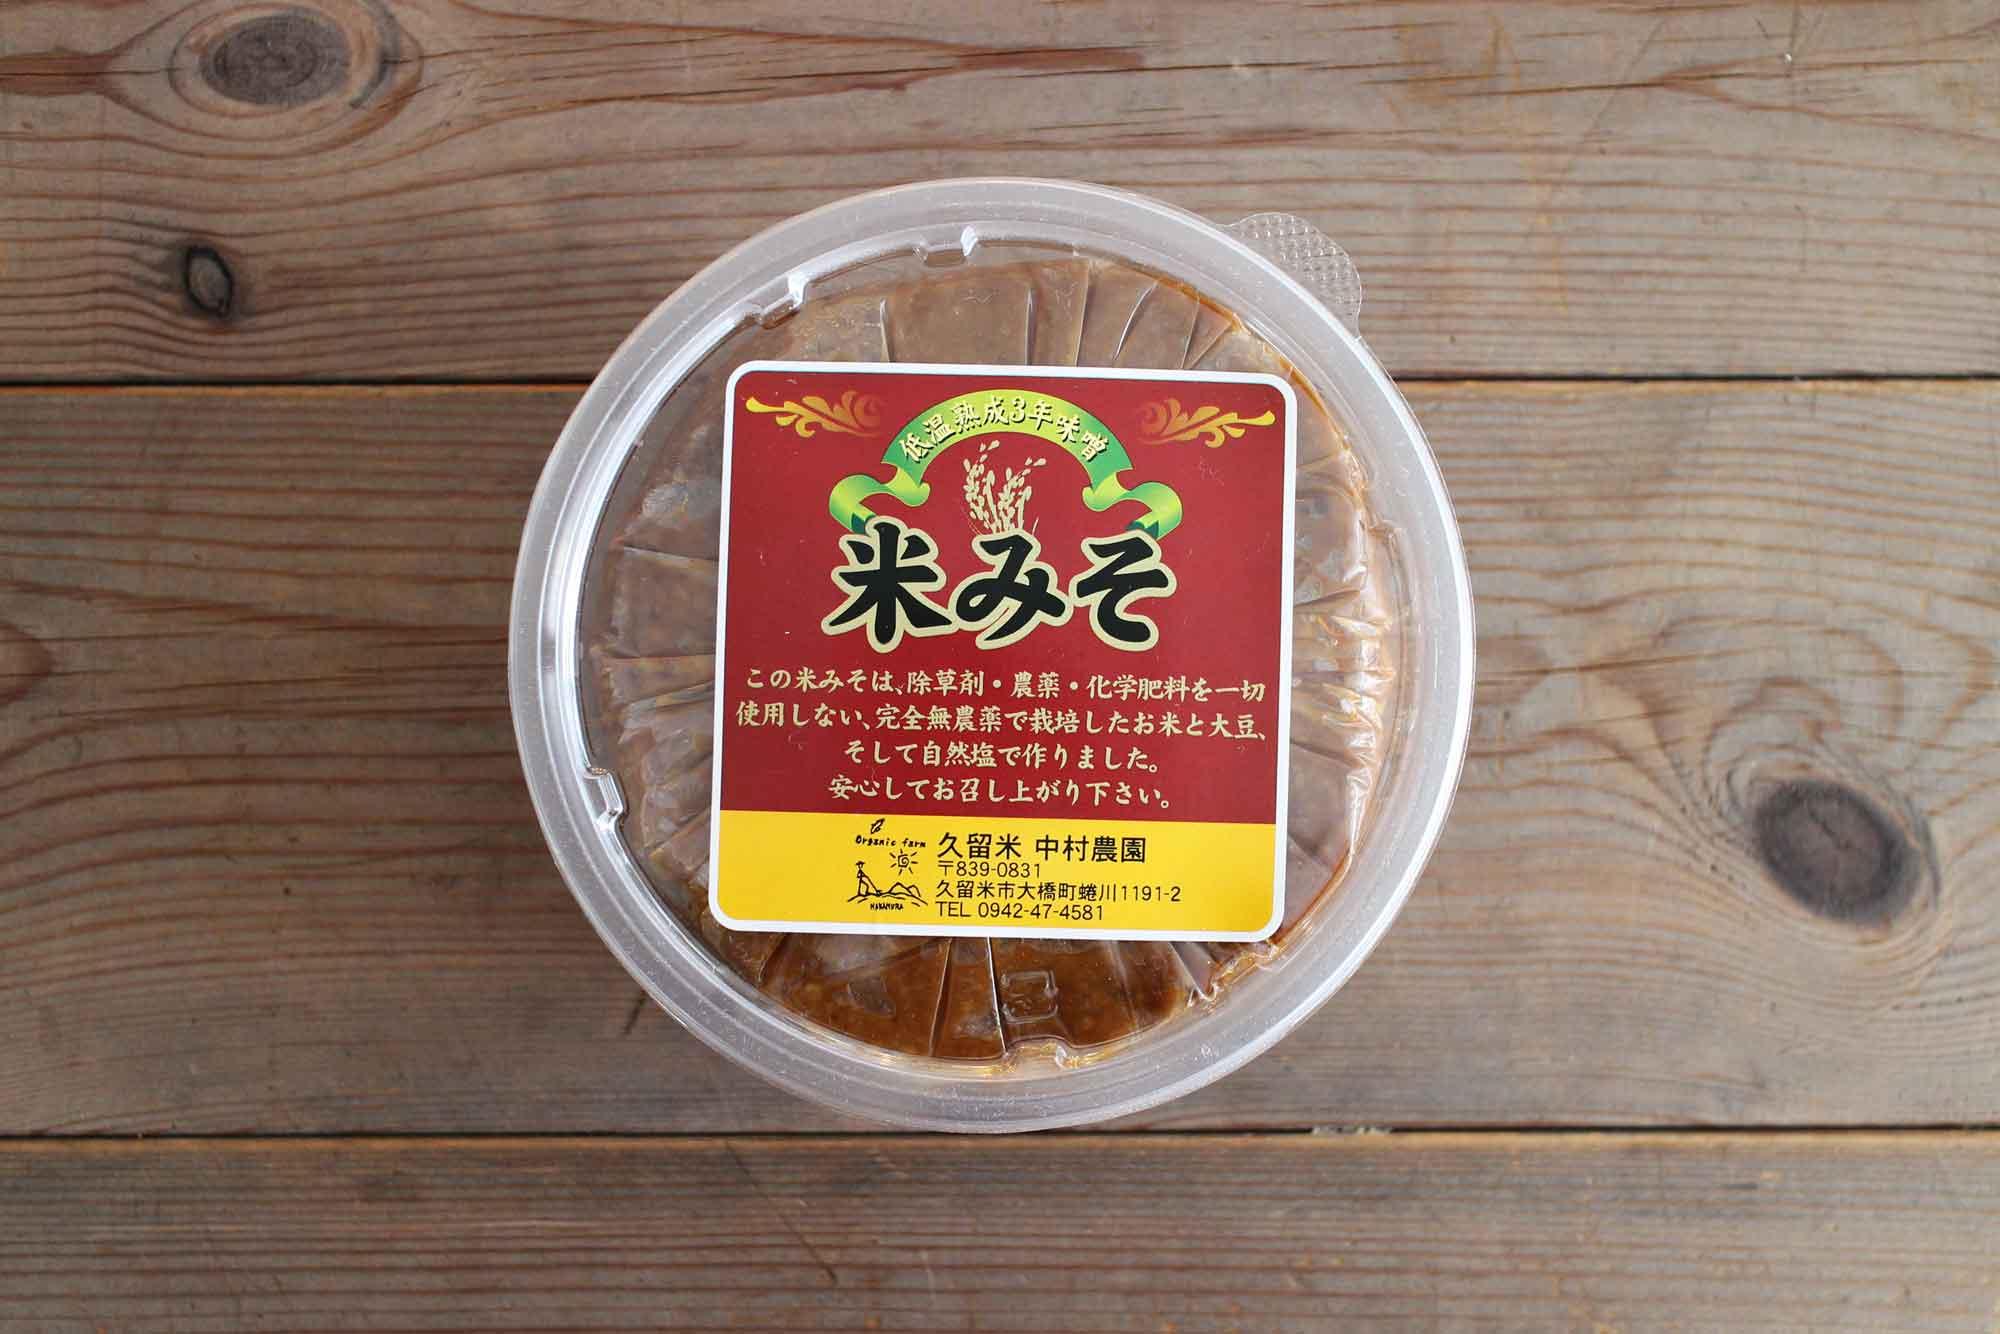 [2月5日出荷]金子商店 お野菜セット